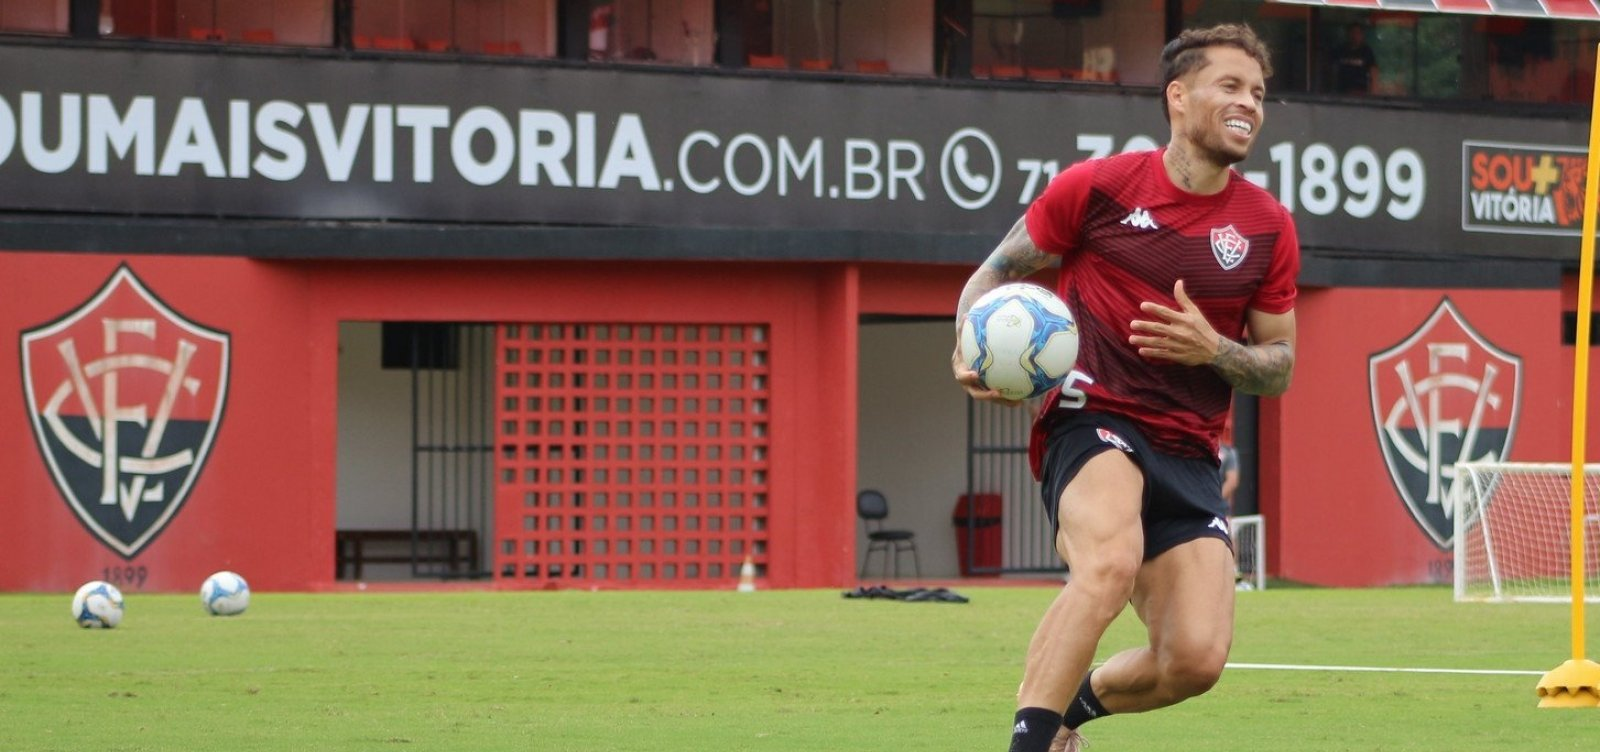 ['O Vitória pós-Copa América está em uma crescente', diz Baraka após triunfo sobre o Paraná]